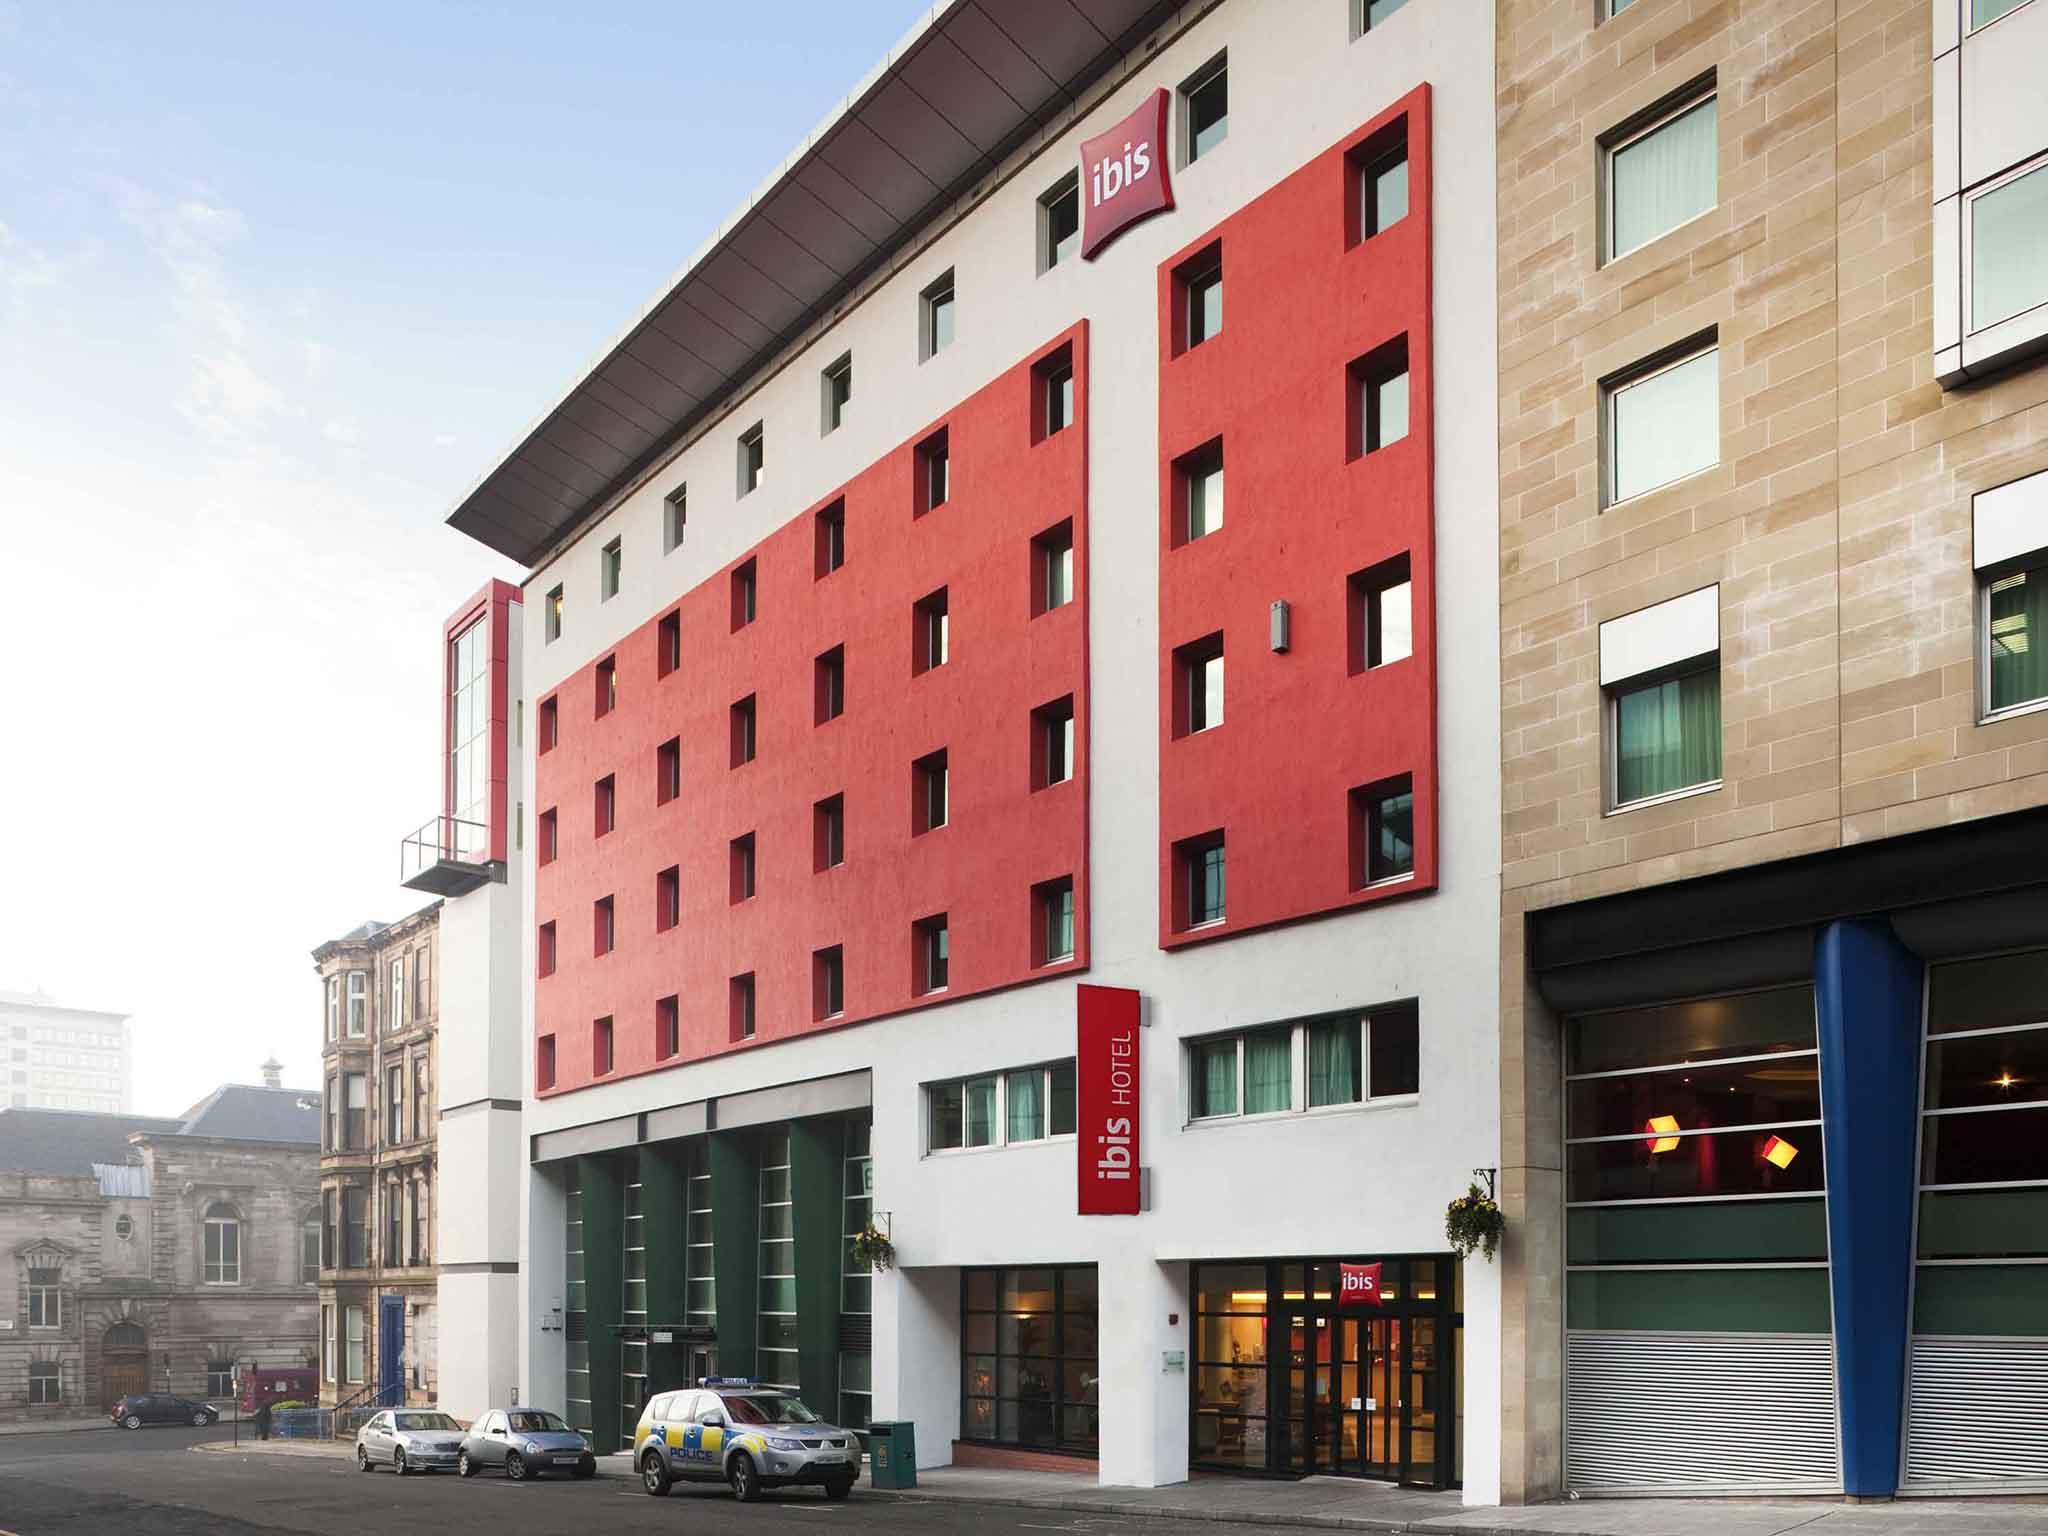 Hotel Ibis Glasgow City Centre Sauchiehall St